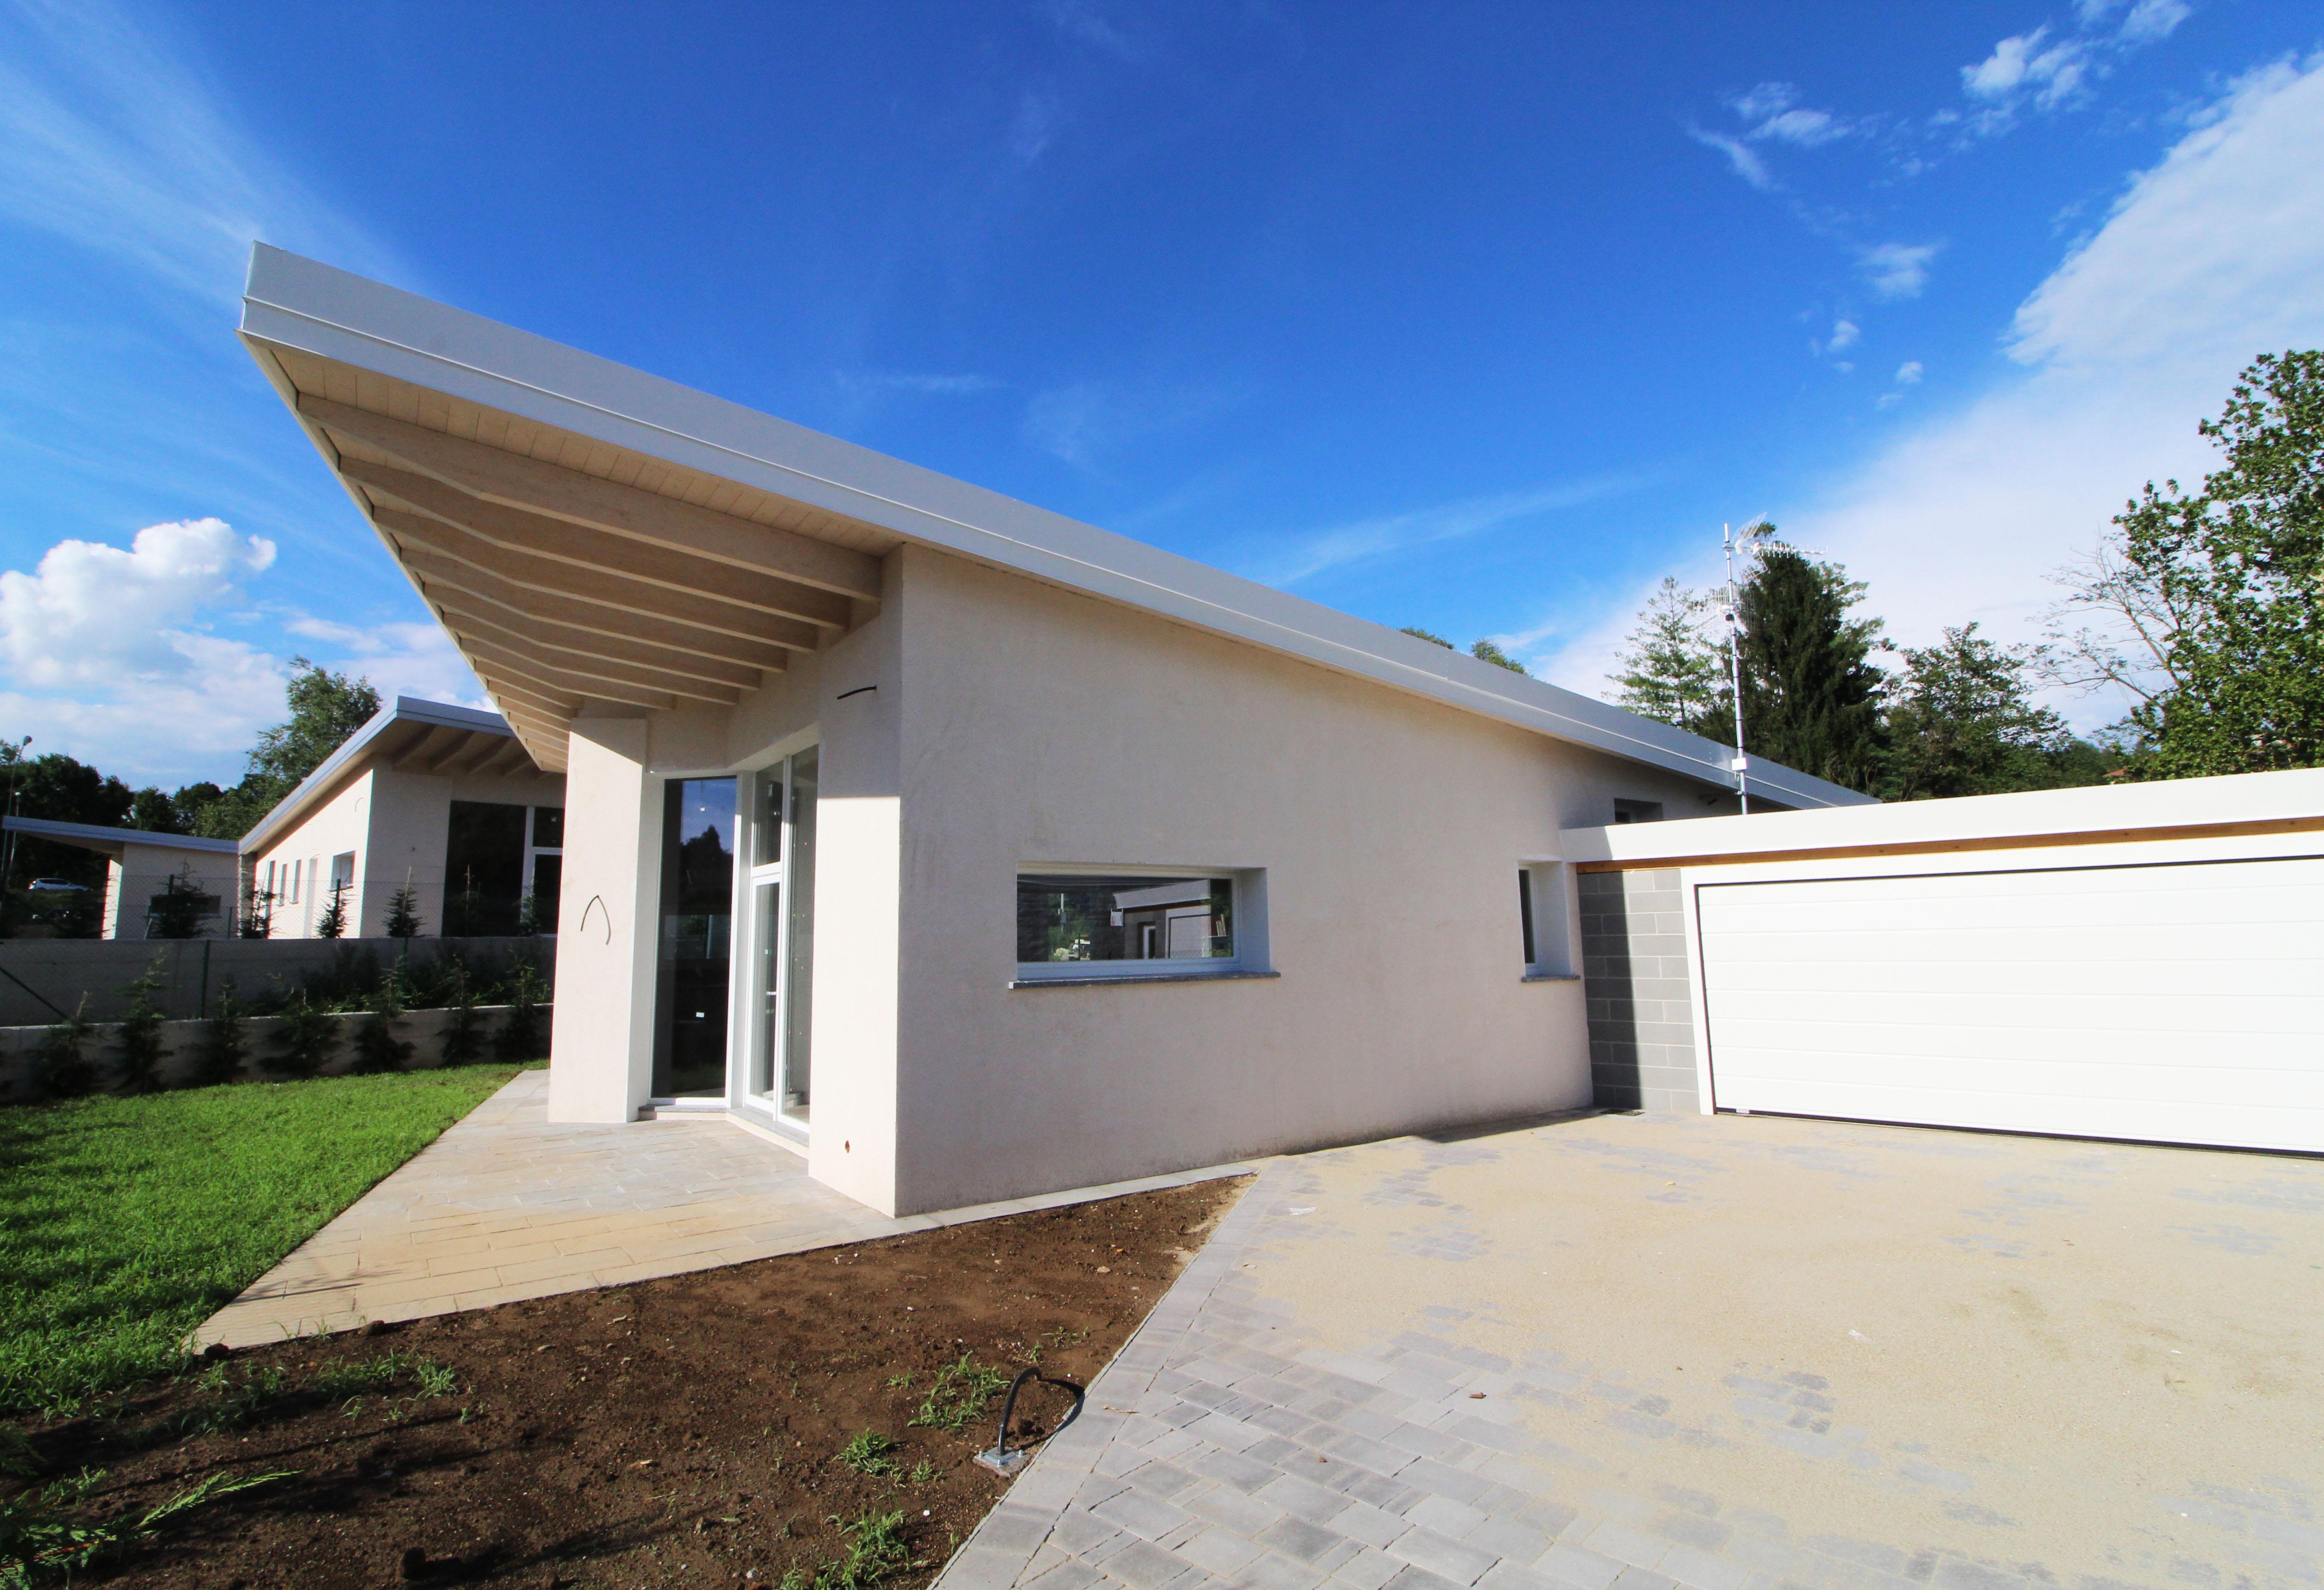 Villa moderna su unico piano nuova costruzione for Progetto casa moderna nuova costruzione